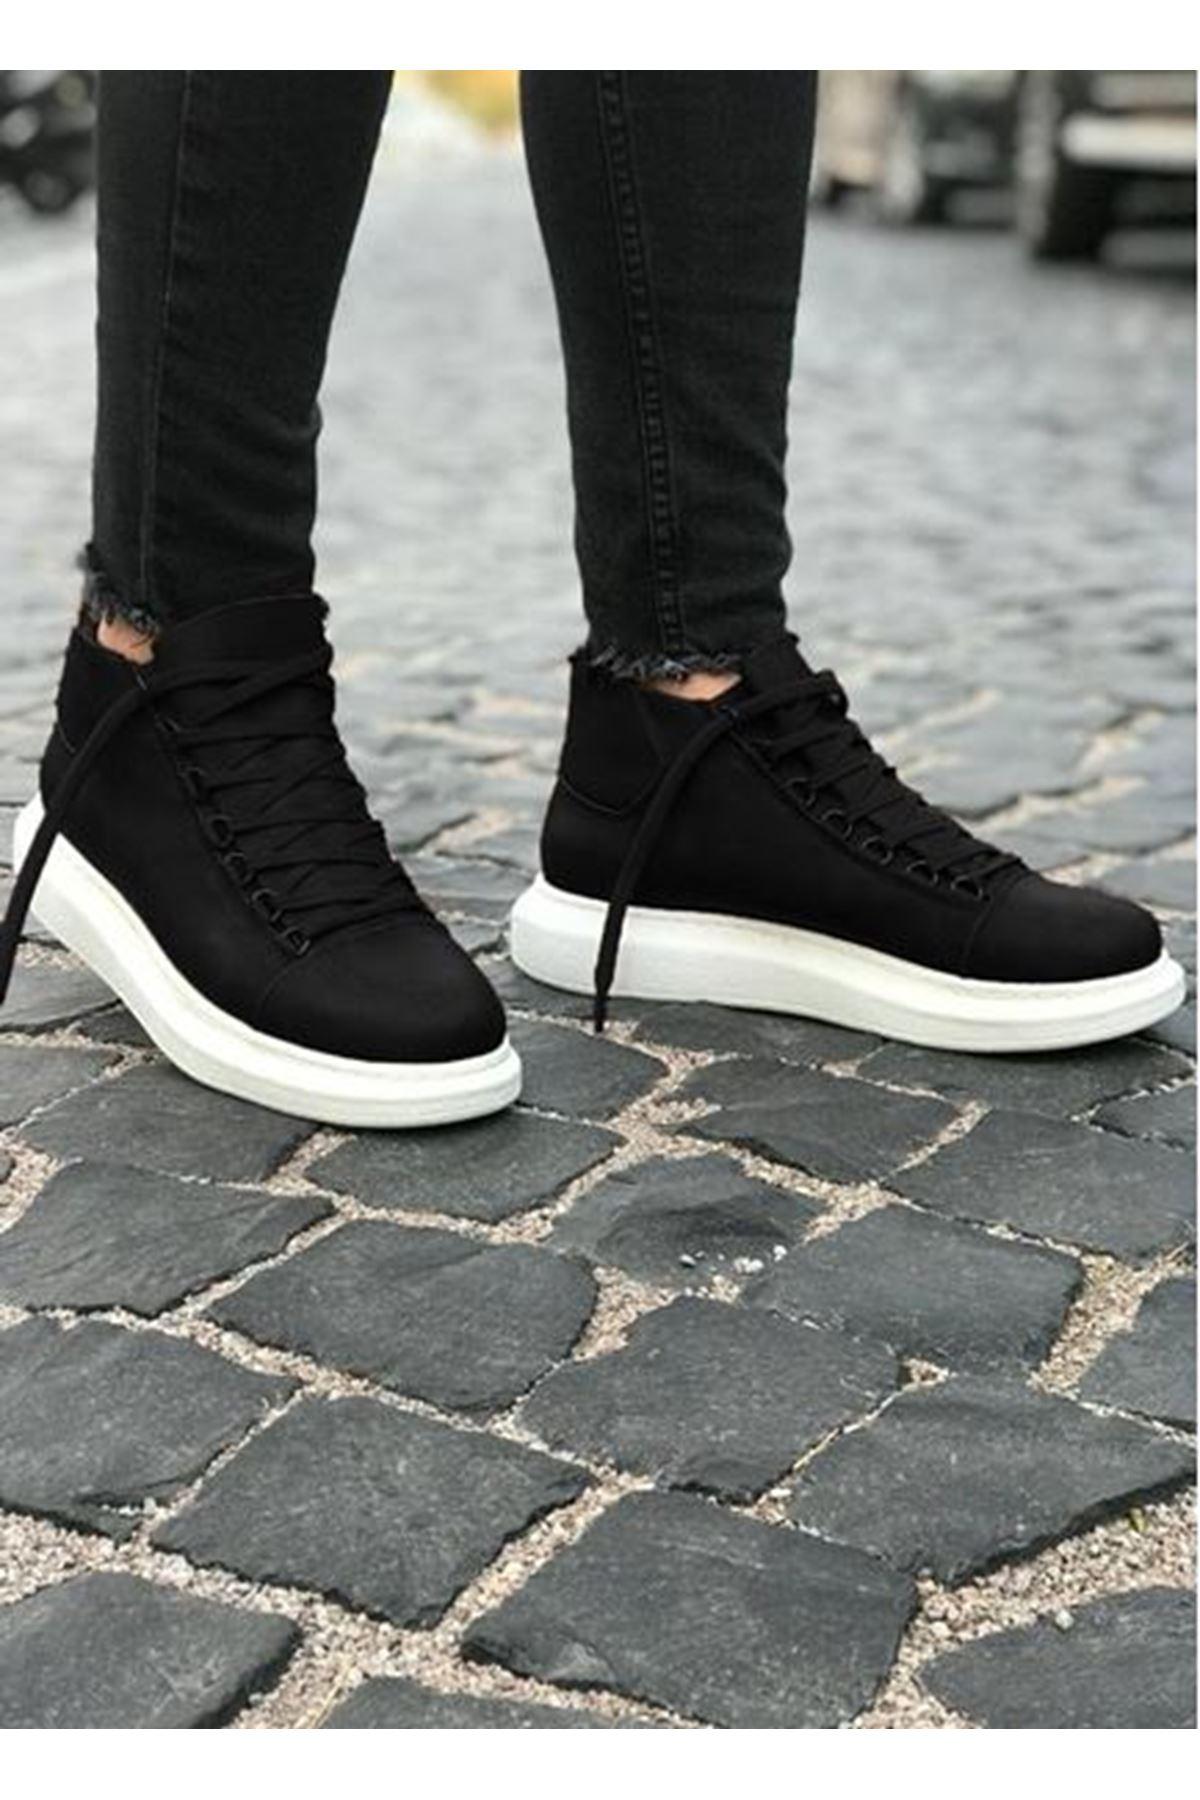 Boy Uzatan Gizli Topuk Bot Model Yüksek Taban Siyah Beyaz Erkek Ayakkabı